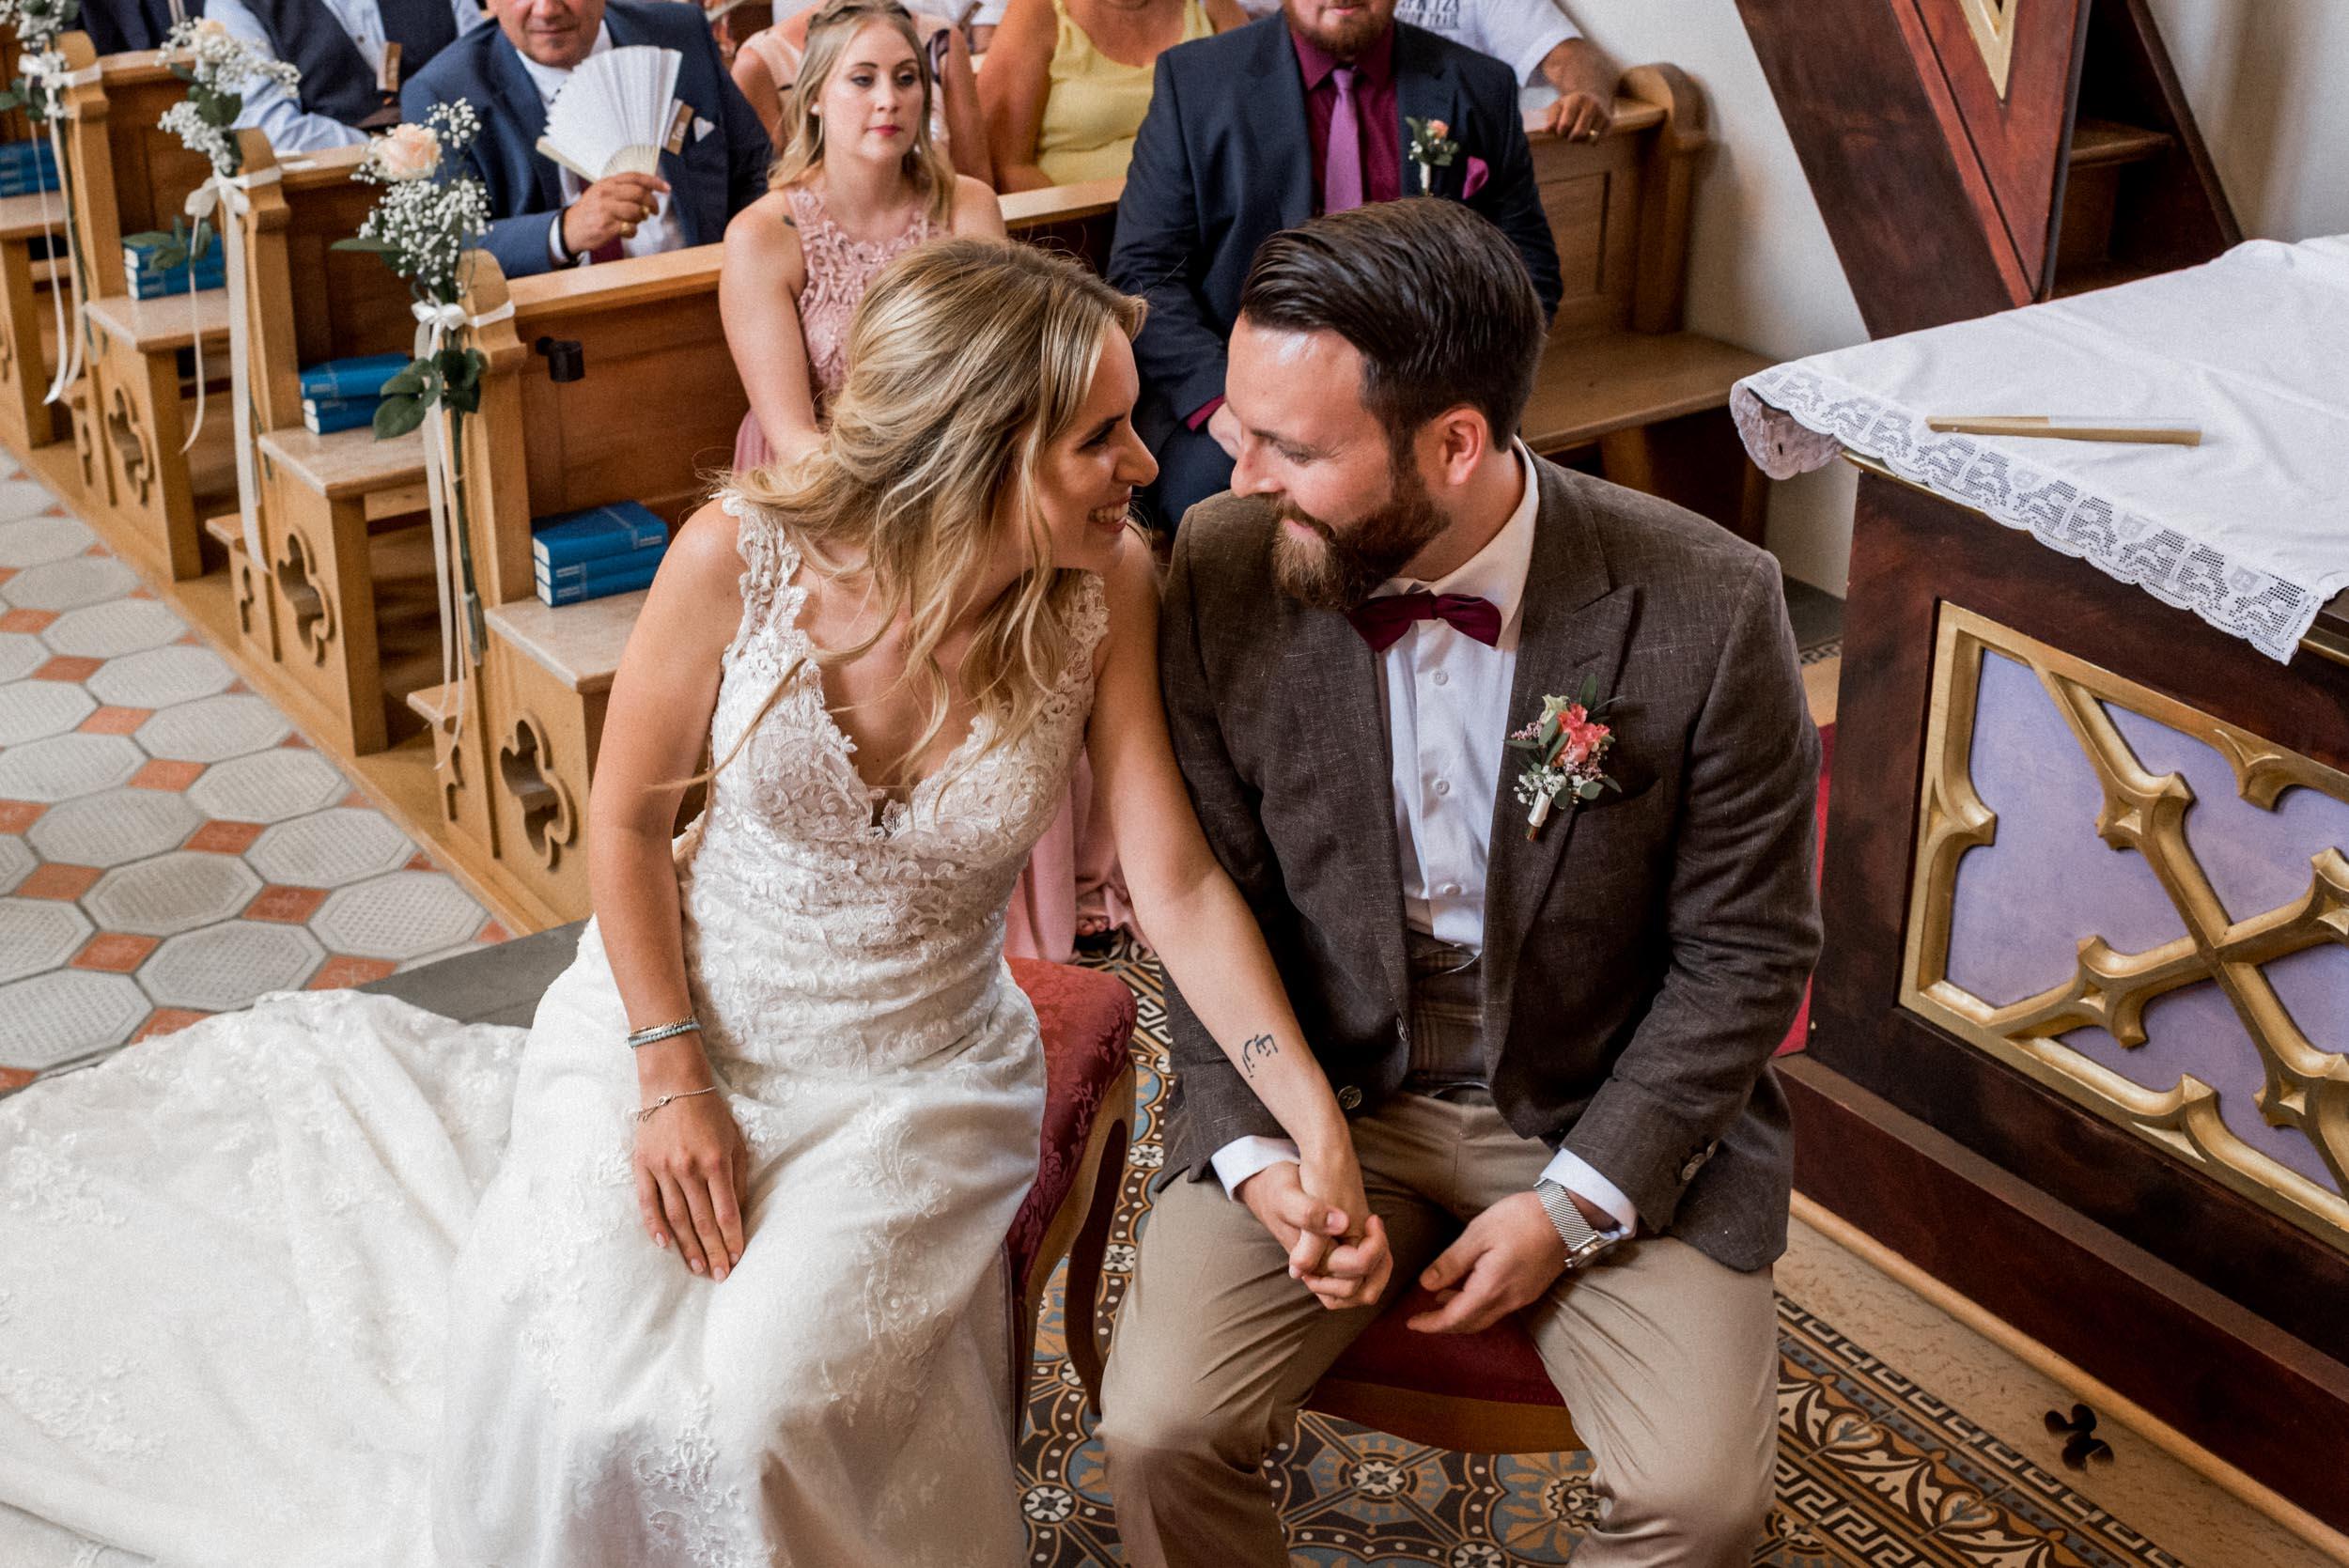 Hochzeitsreportage_Luzern_2019_11.jpg